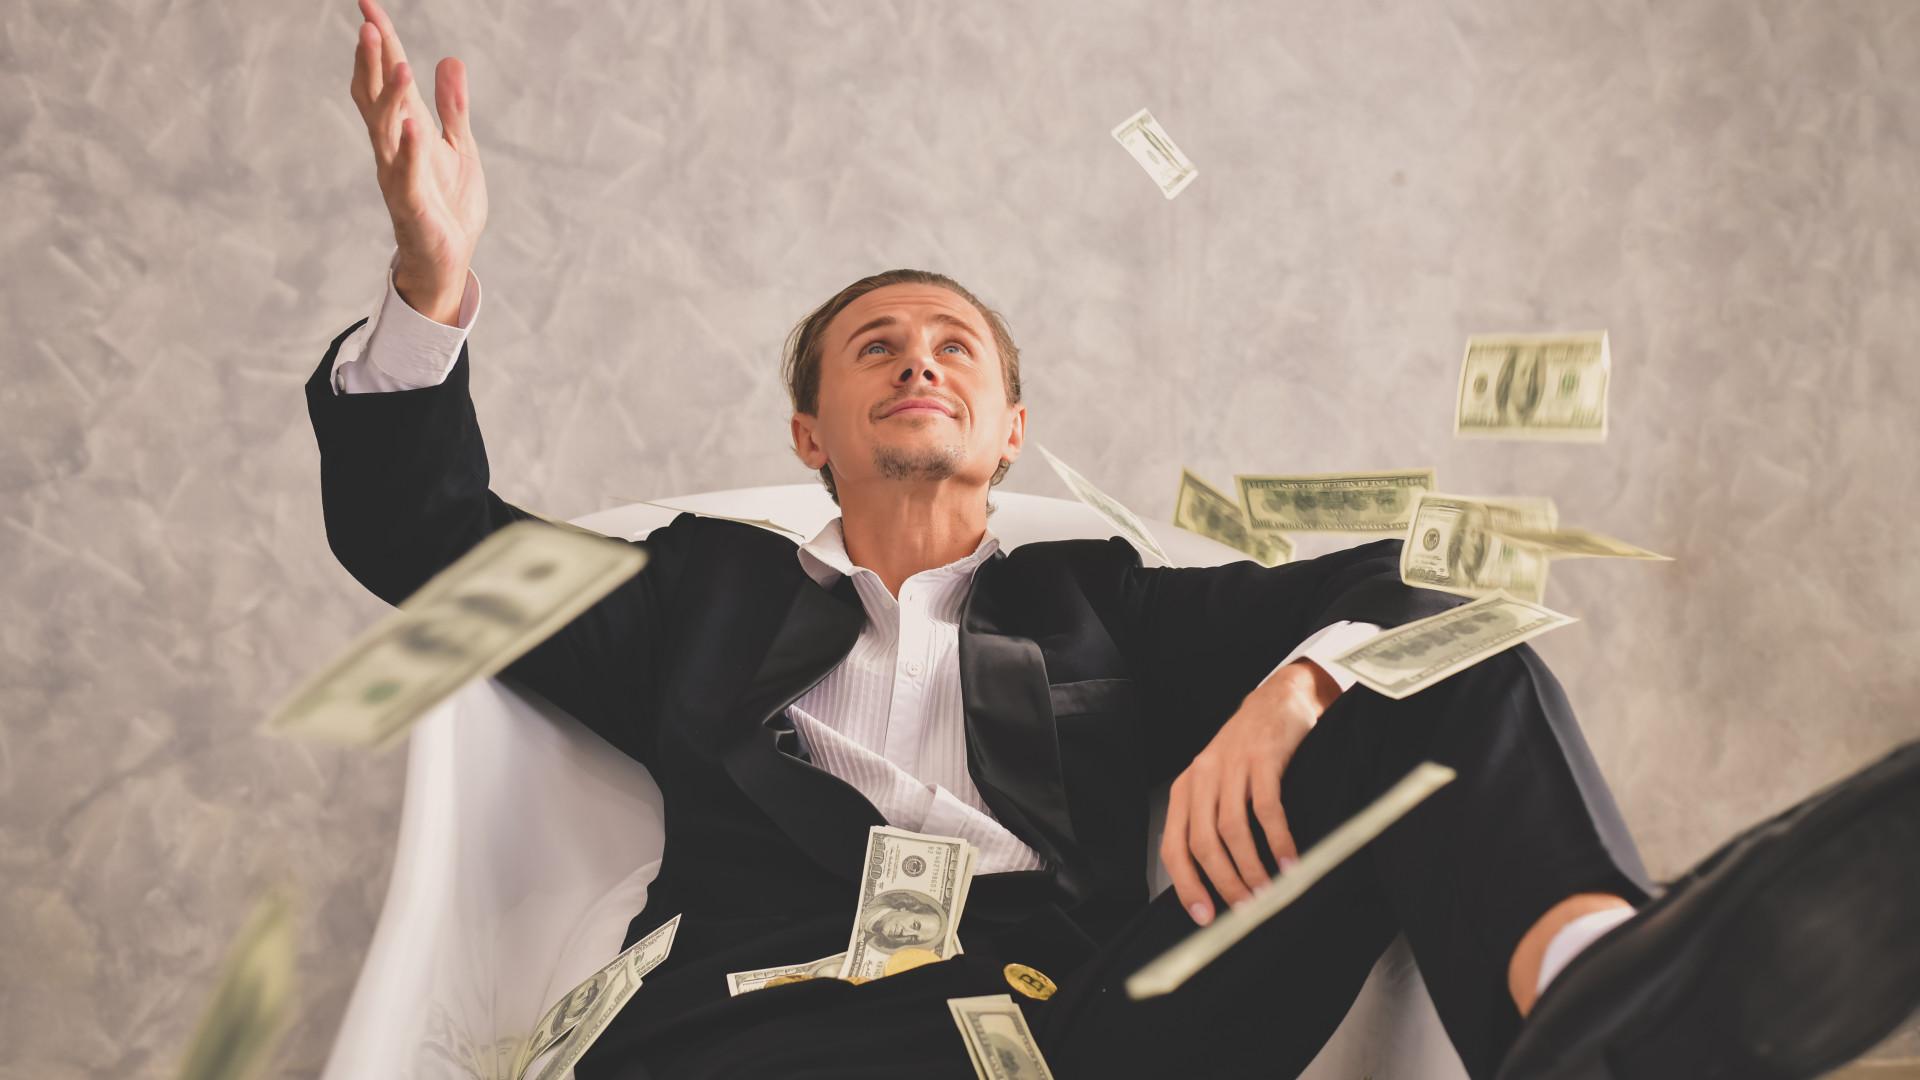 milyen gazdag pénzt keres